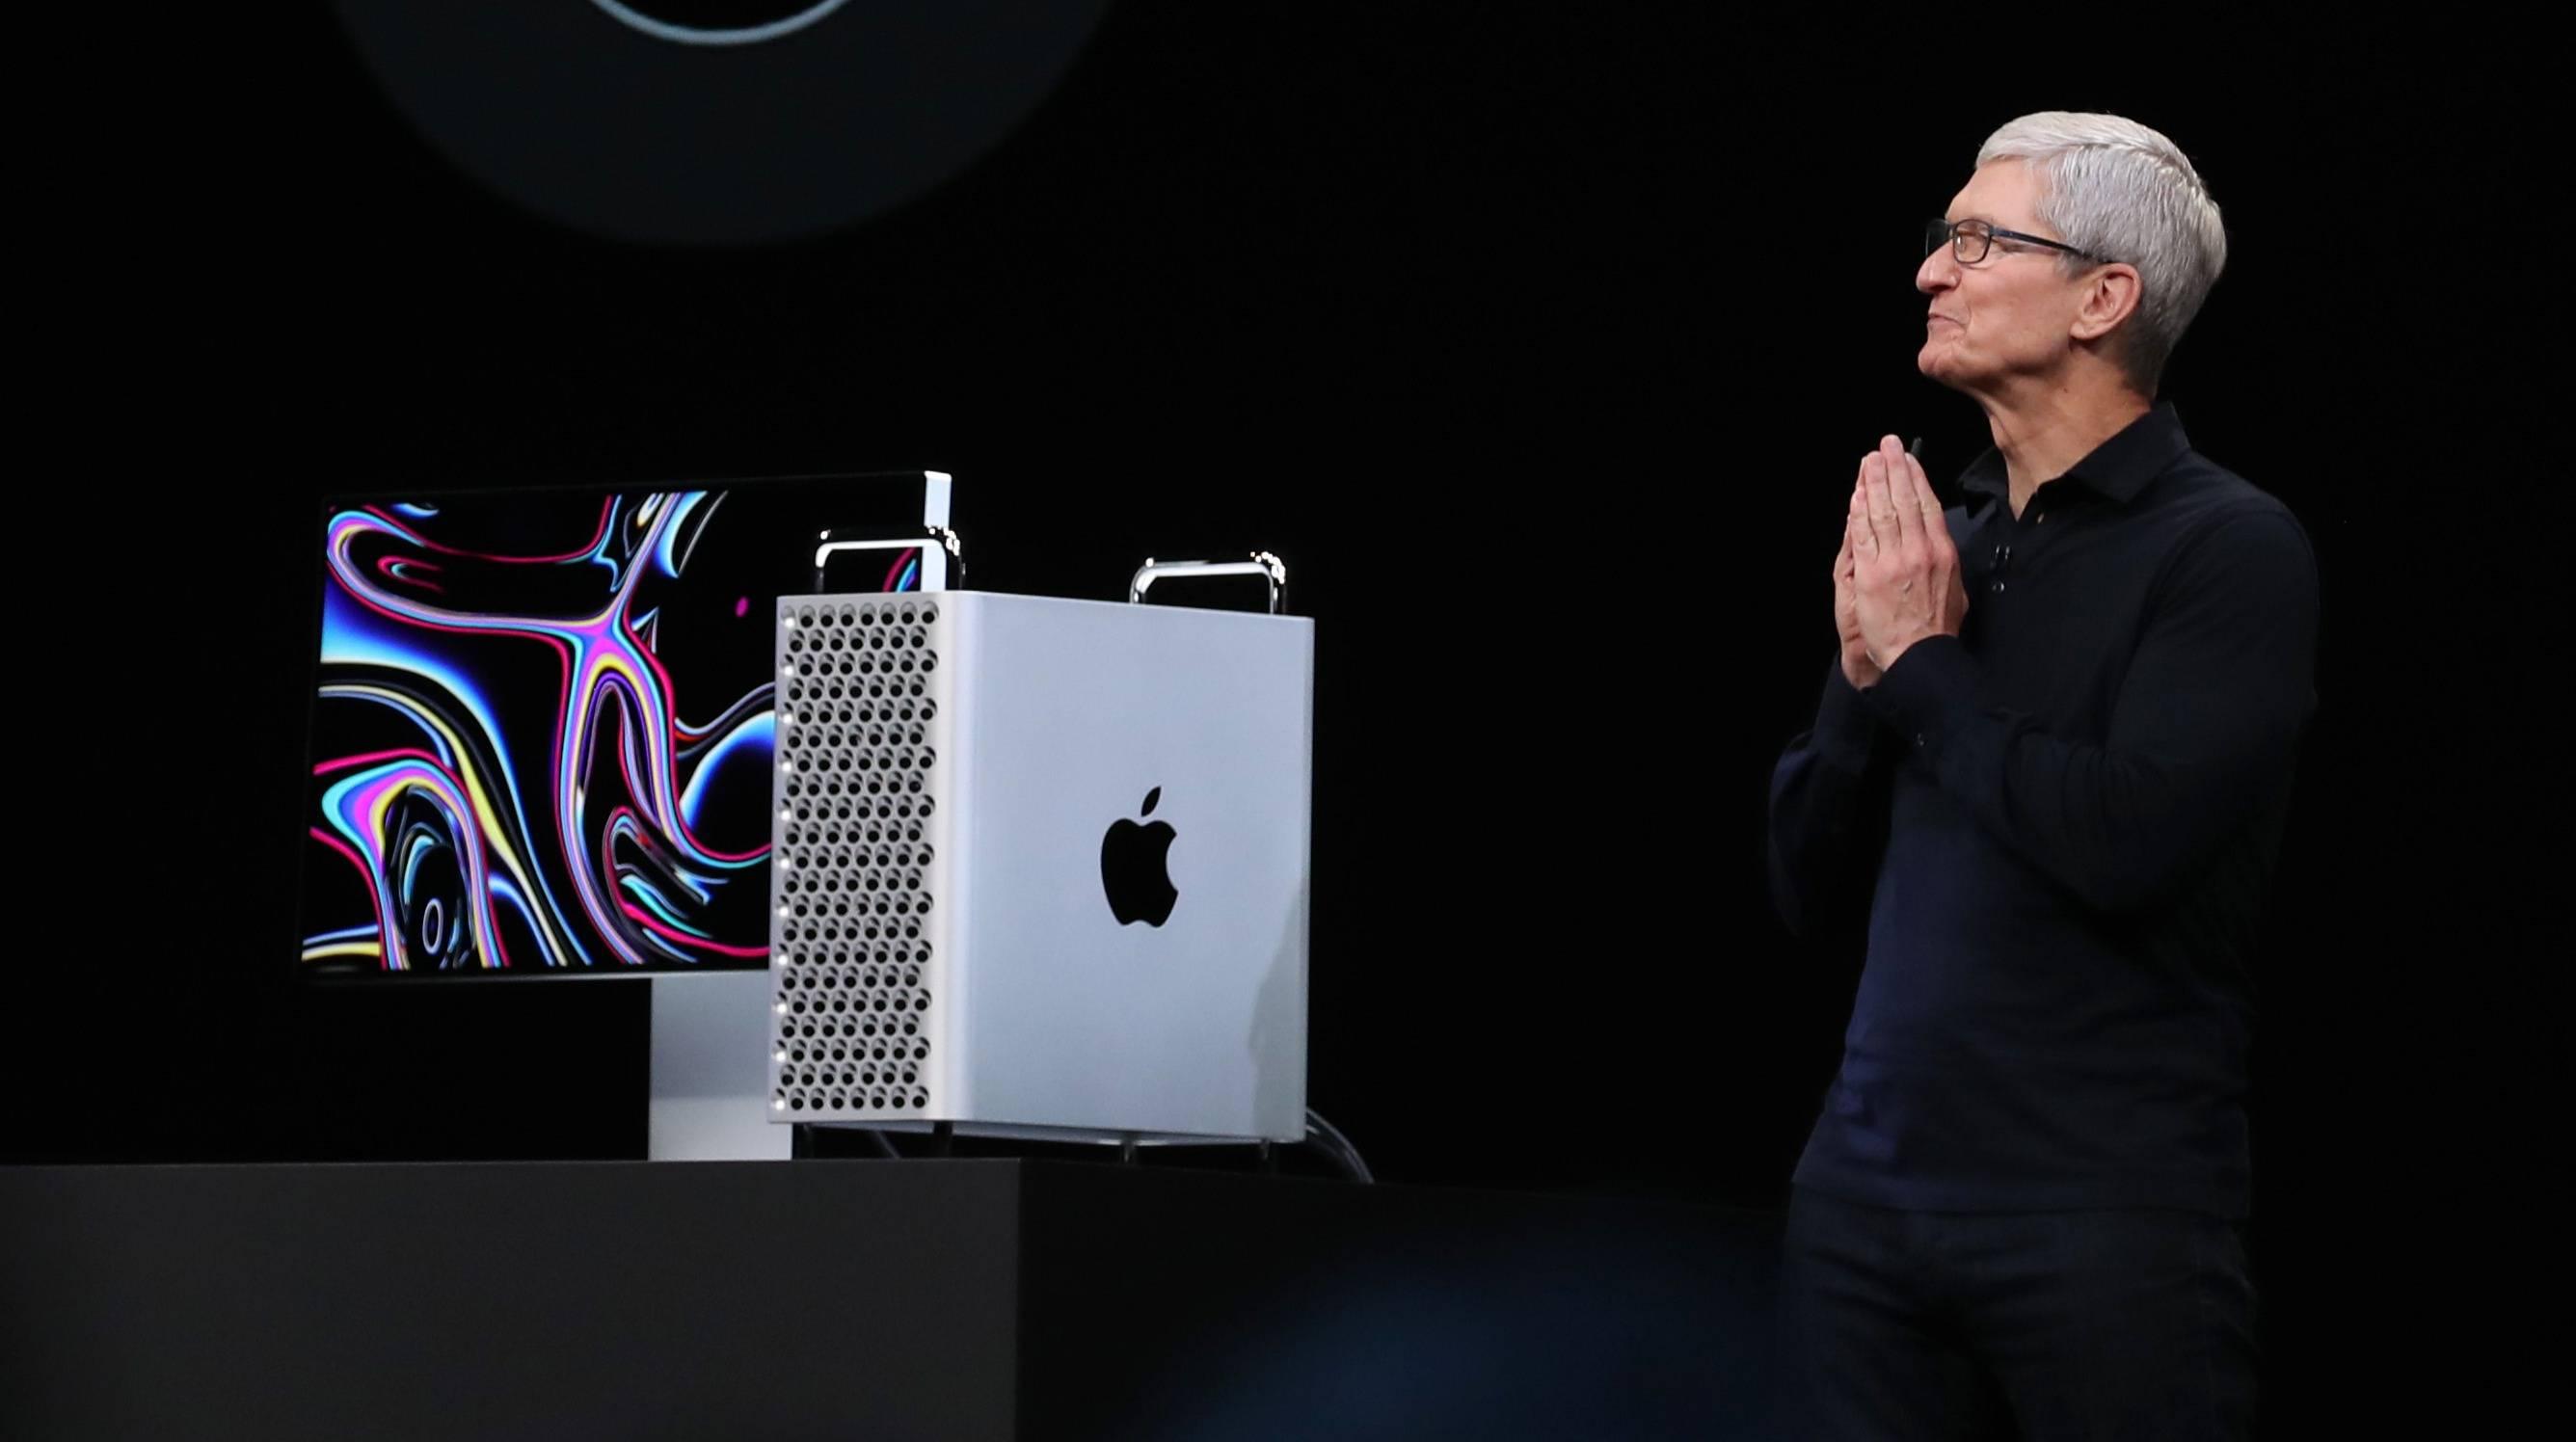 【虎嗅早报】iOS开发者向苹果发起集体诉讼:称其触犯竞争法;罗永浩出质锤科部分股权